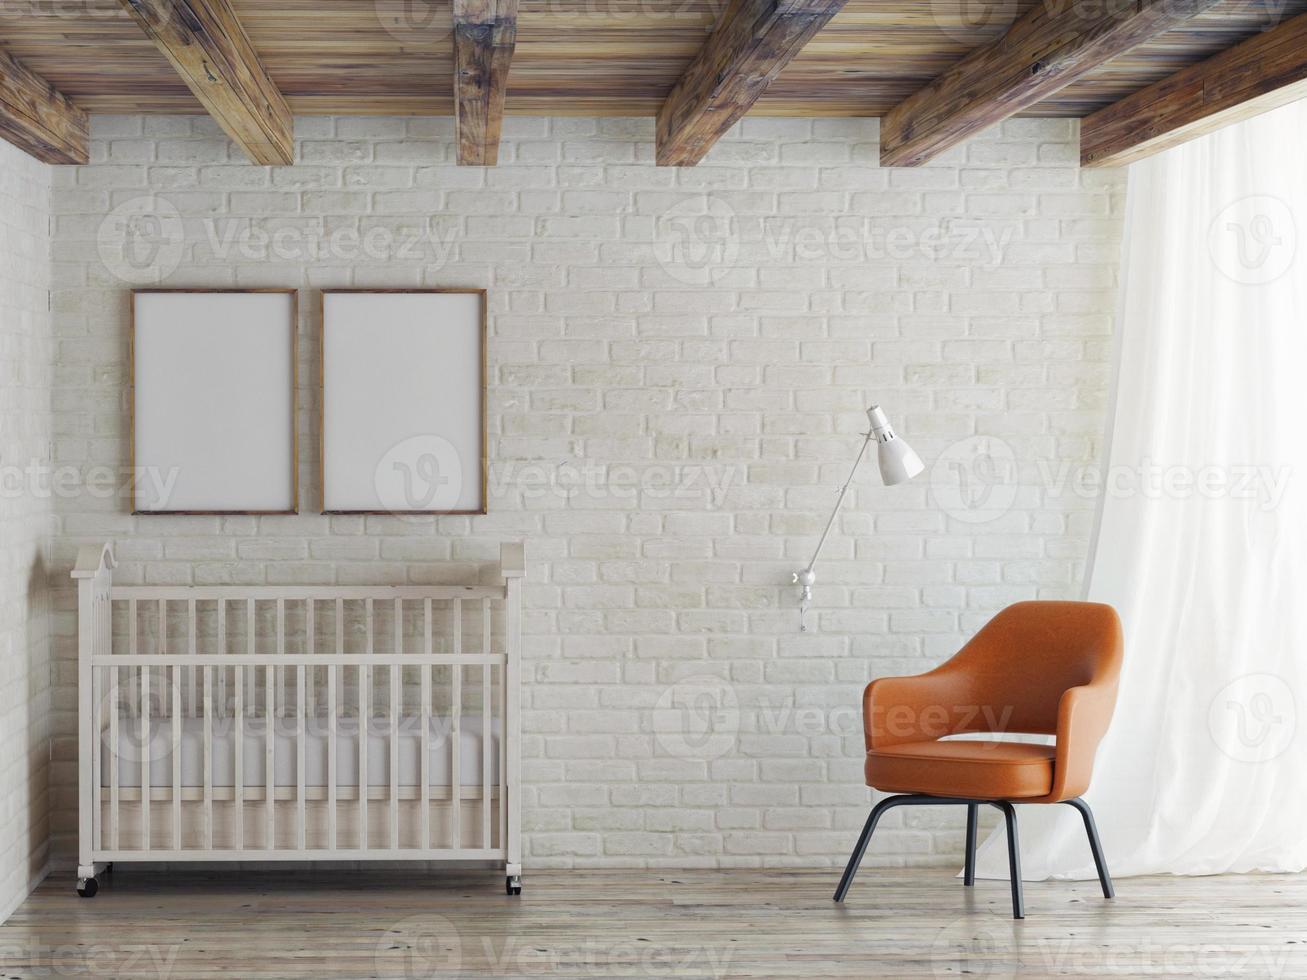 Habitación de bebé, simulacros de póster en la pared de ladrillo, ilustración 3d foto